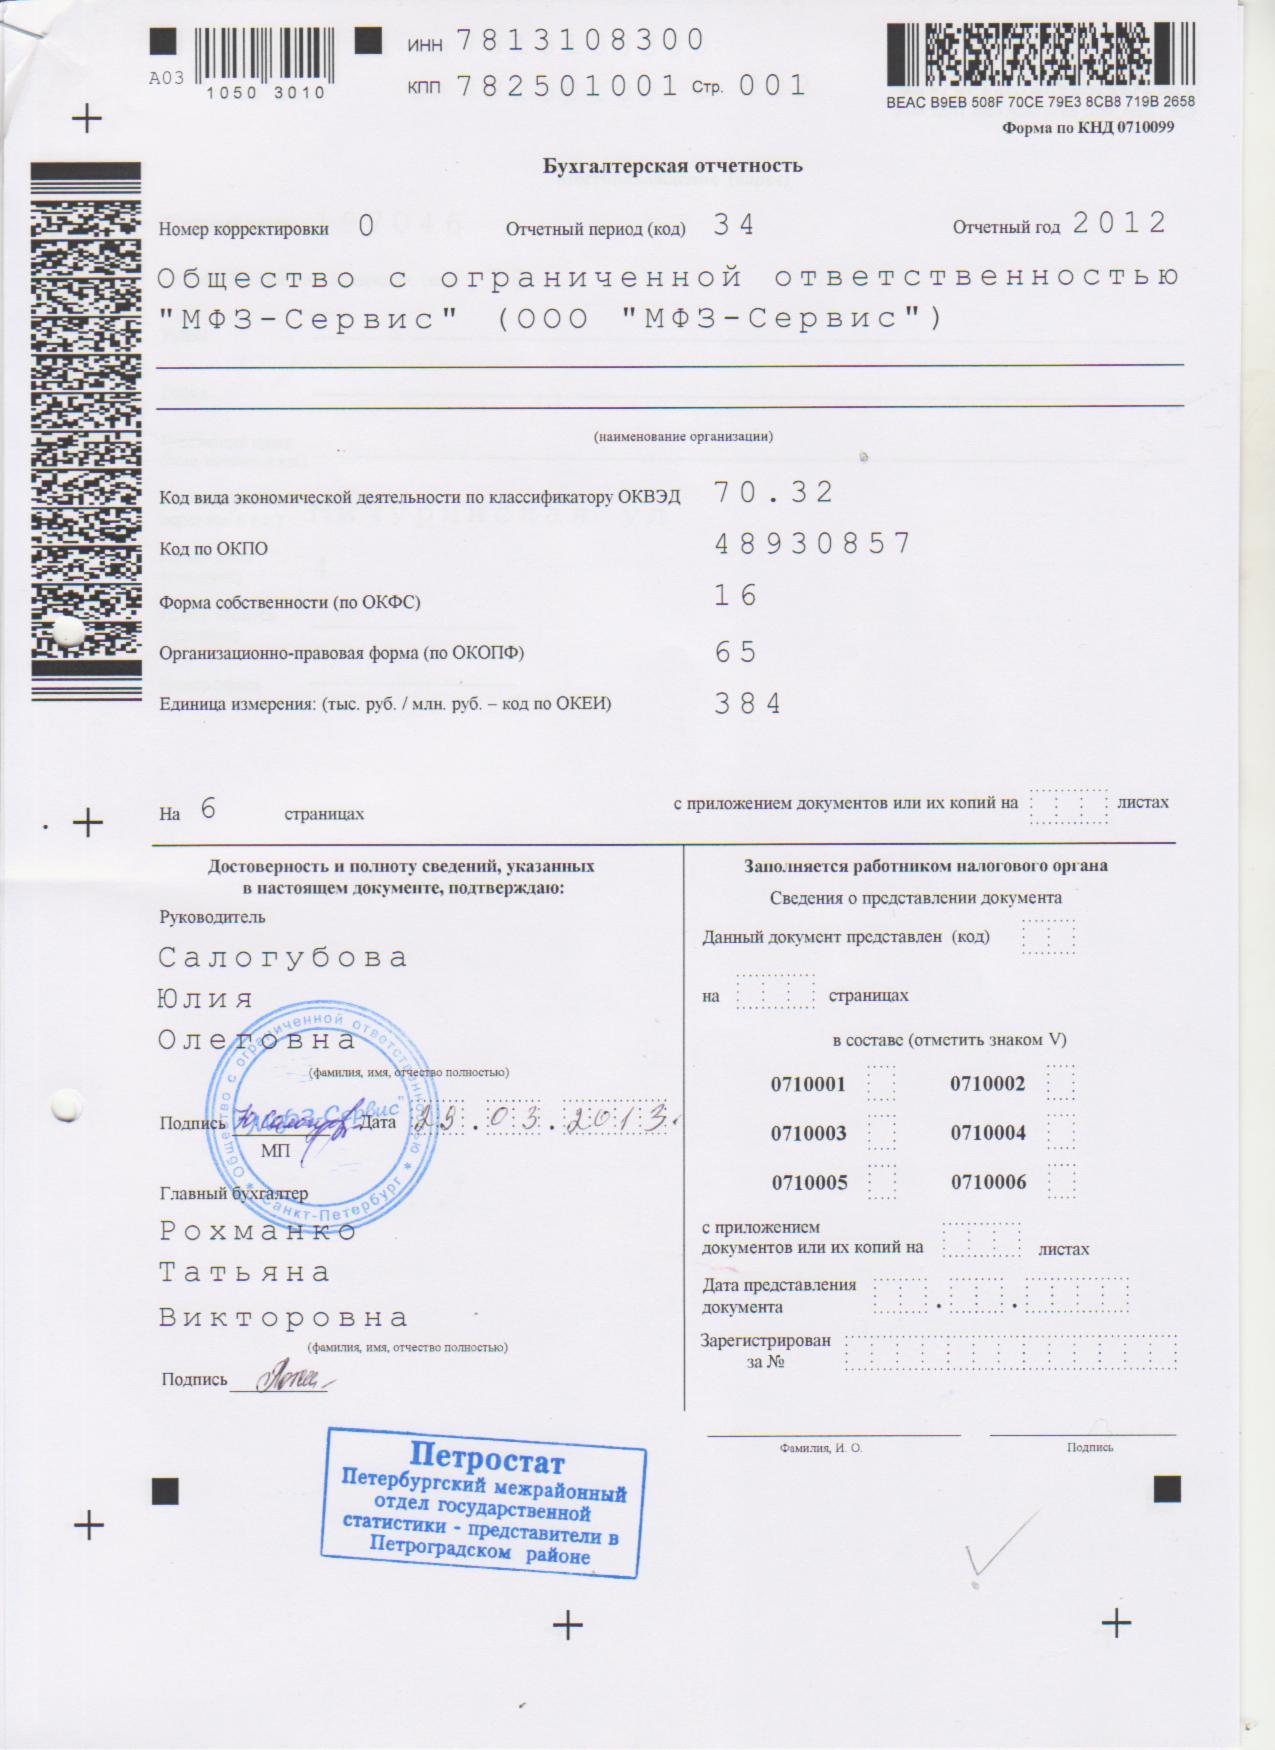 Бухгалтерская отчетность 2012 стр 1